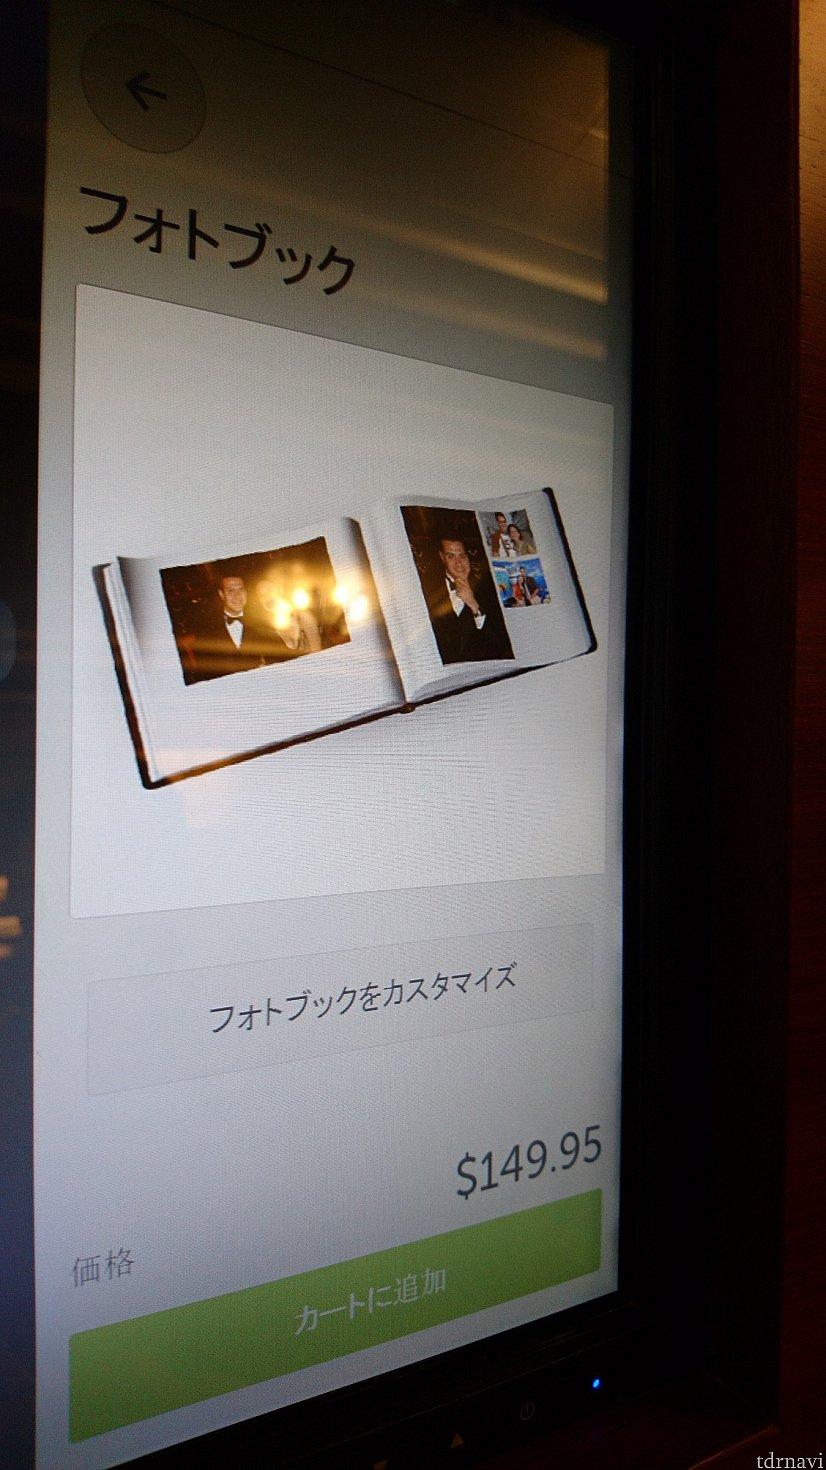 32枚の写真を選んでフォトブックを作ることができます。 日本までの送料が15ドルかかります。